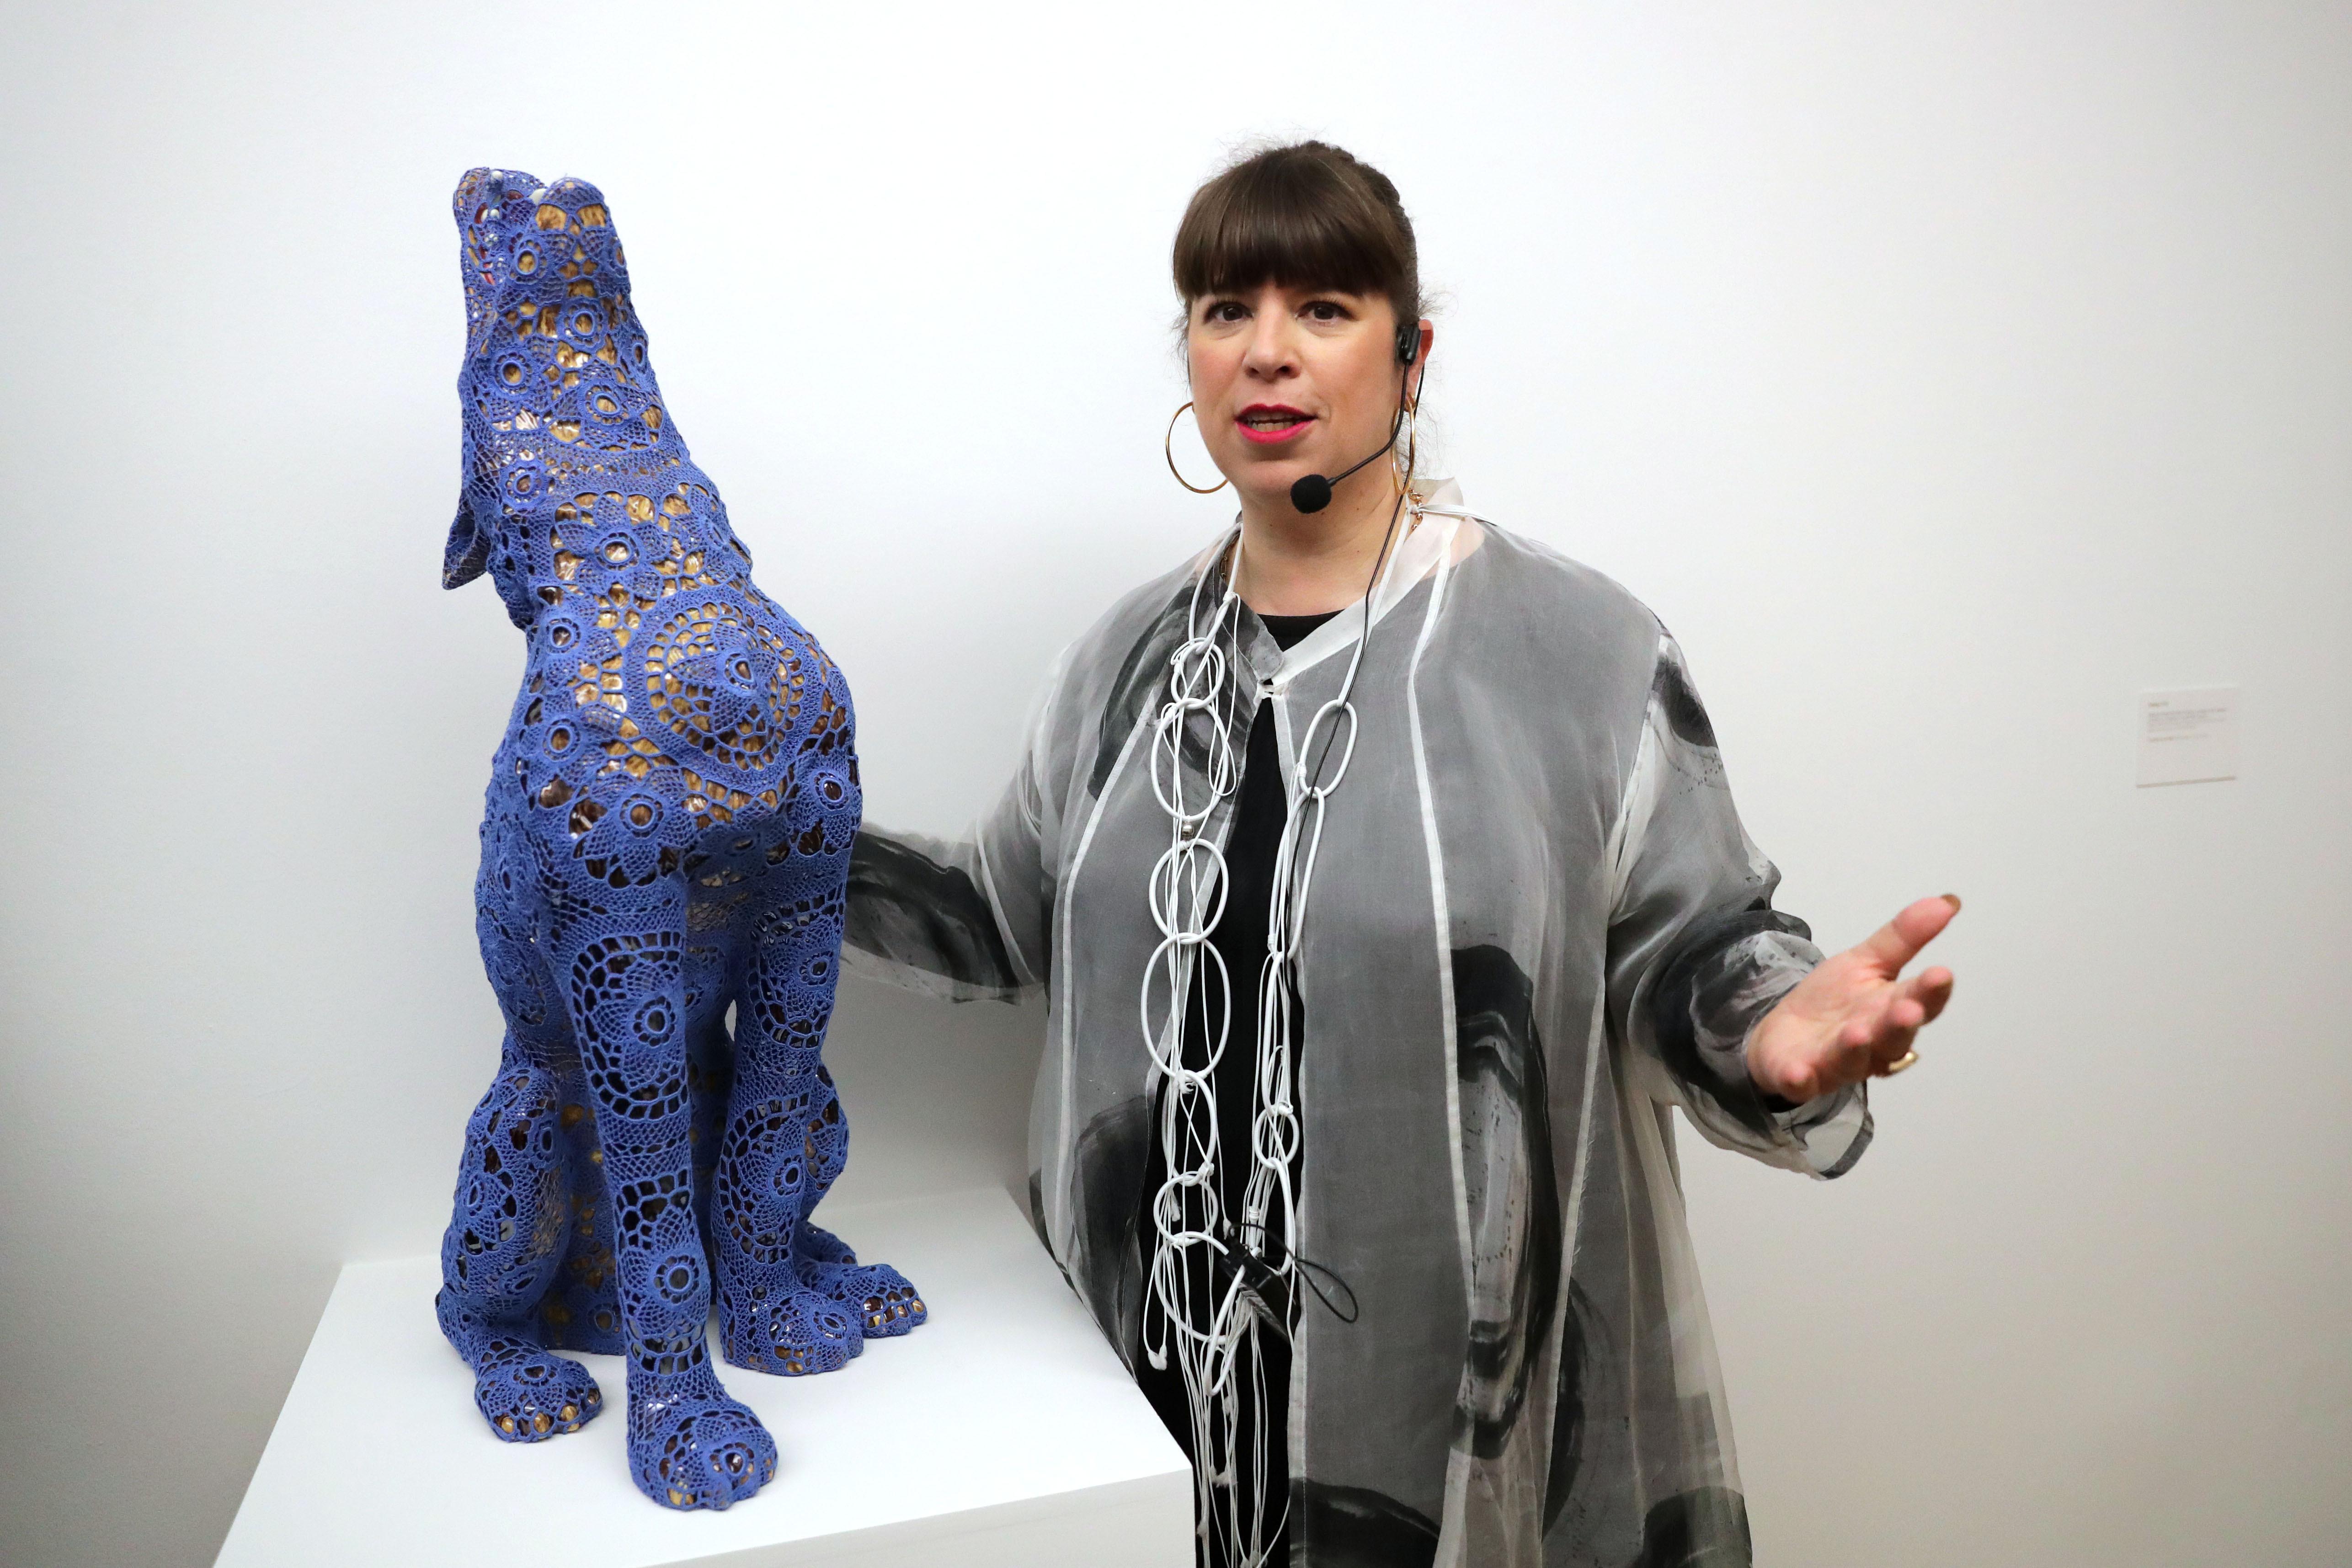 Trabalho de Joana Vasconcelos em exposição no museu Max Ernst